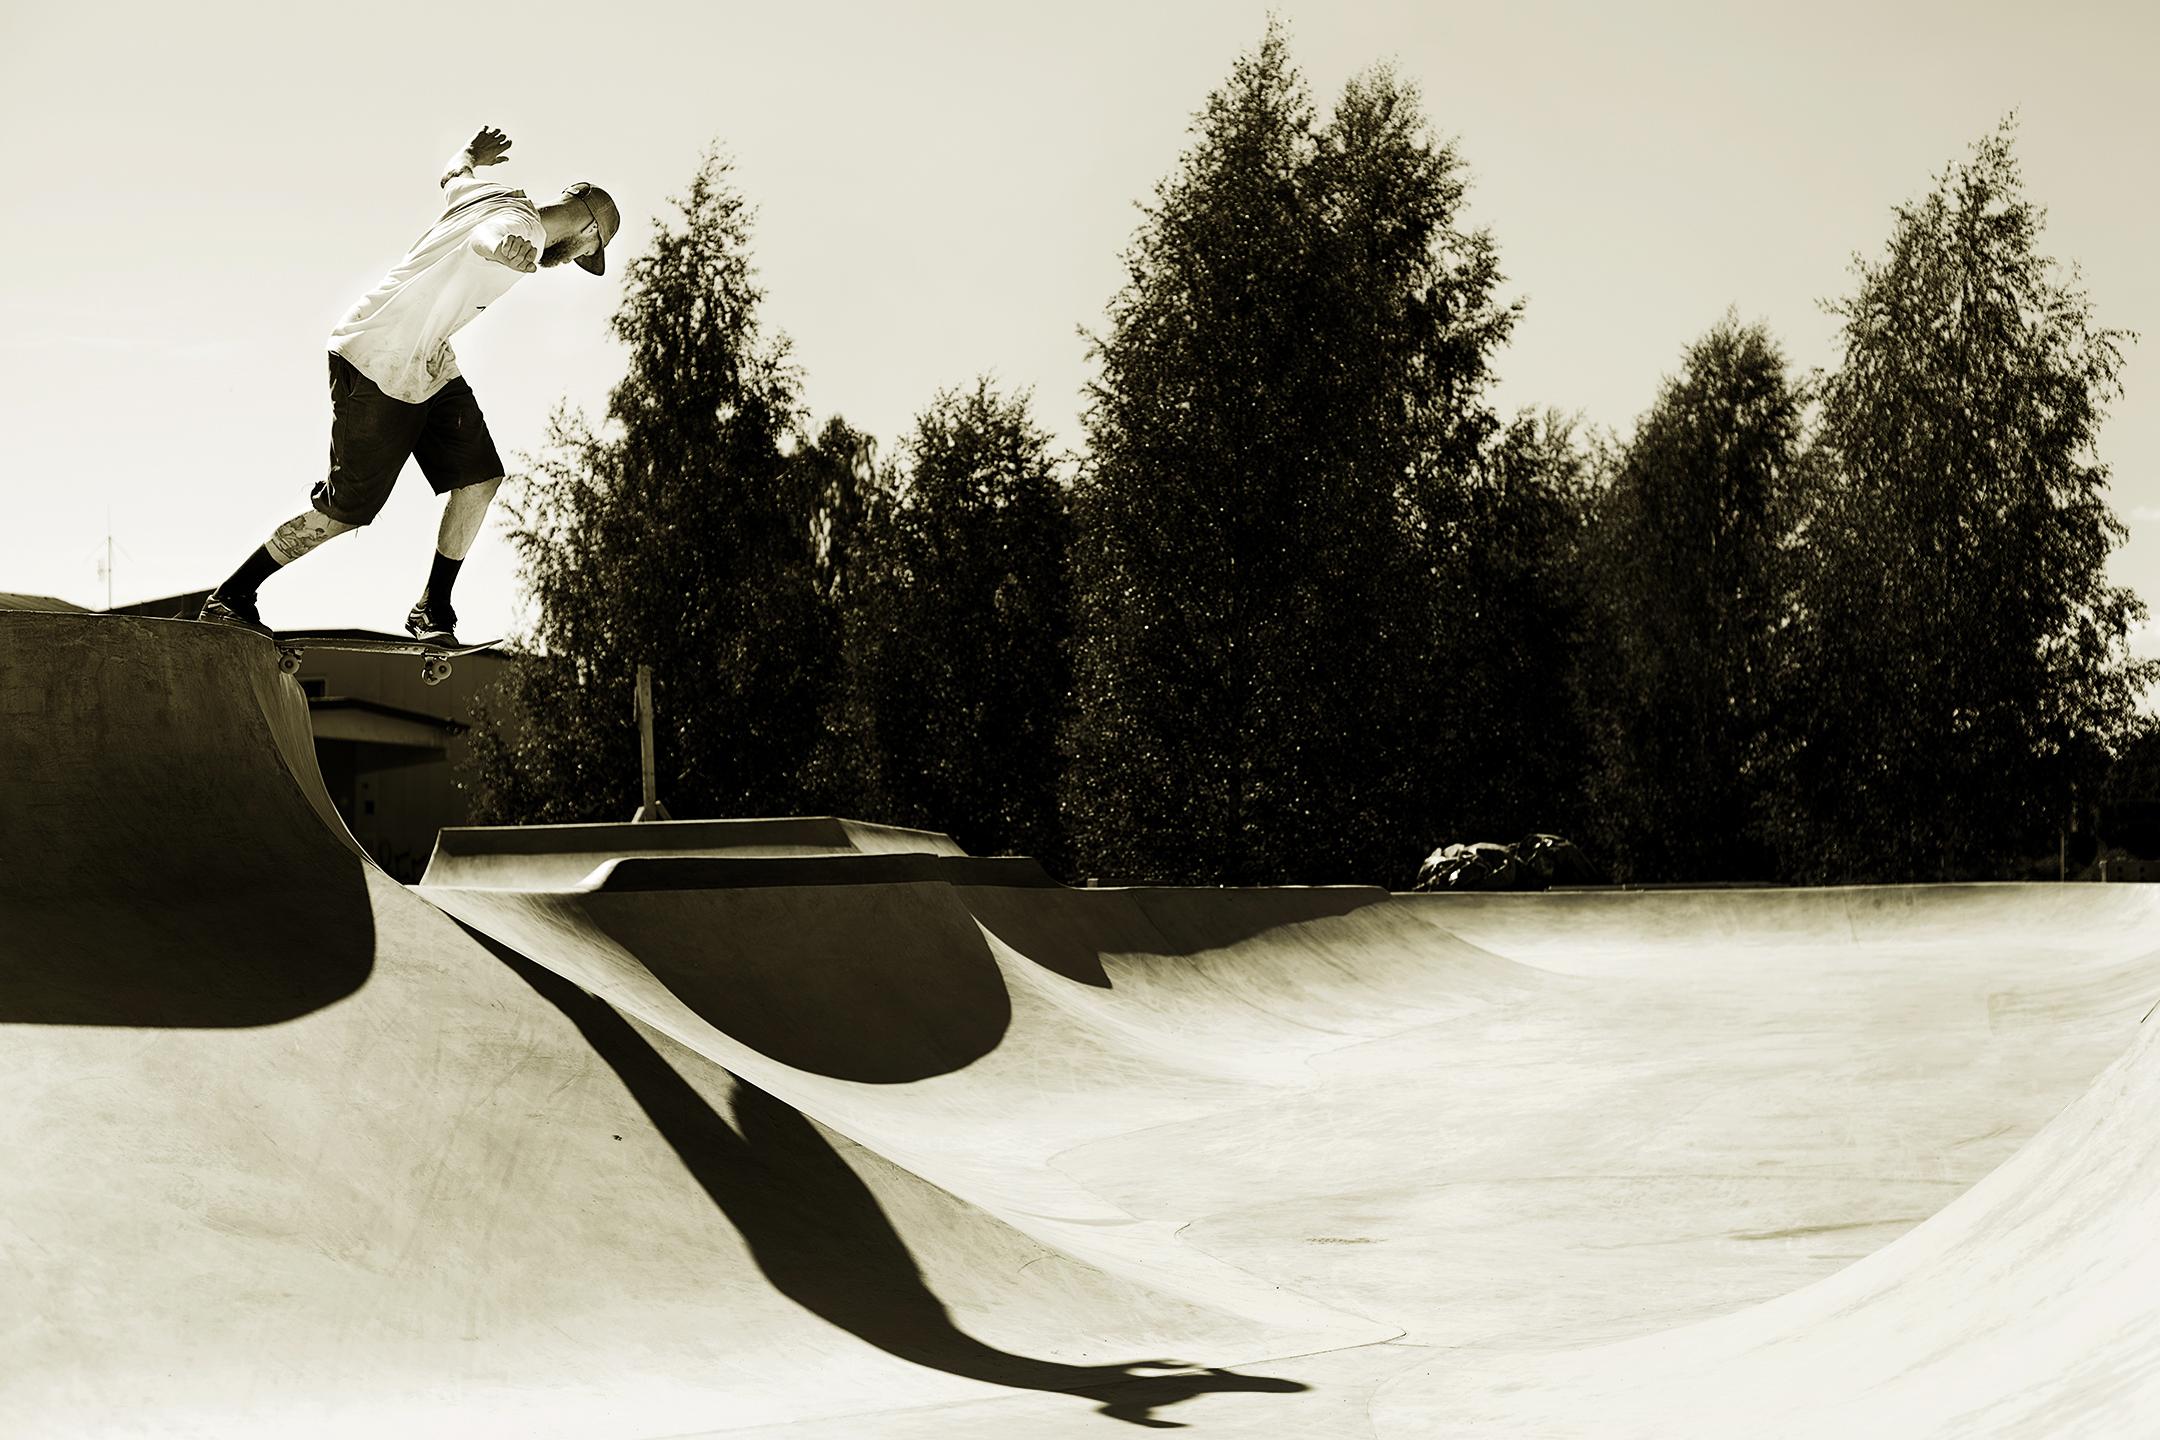 Stefan Jonsson - Wallie transfer backside tailslide